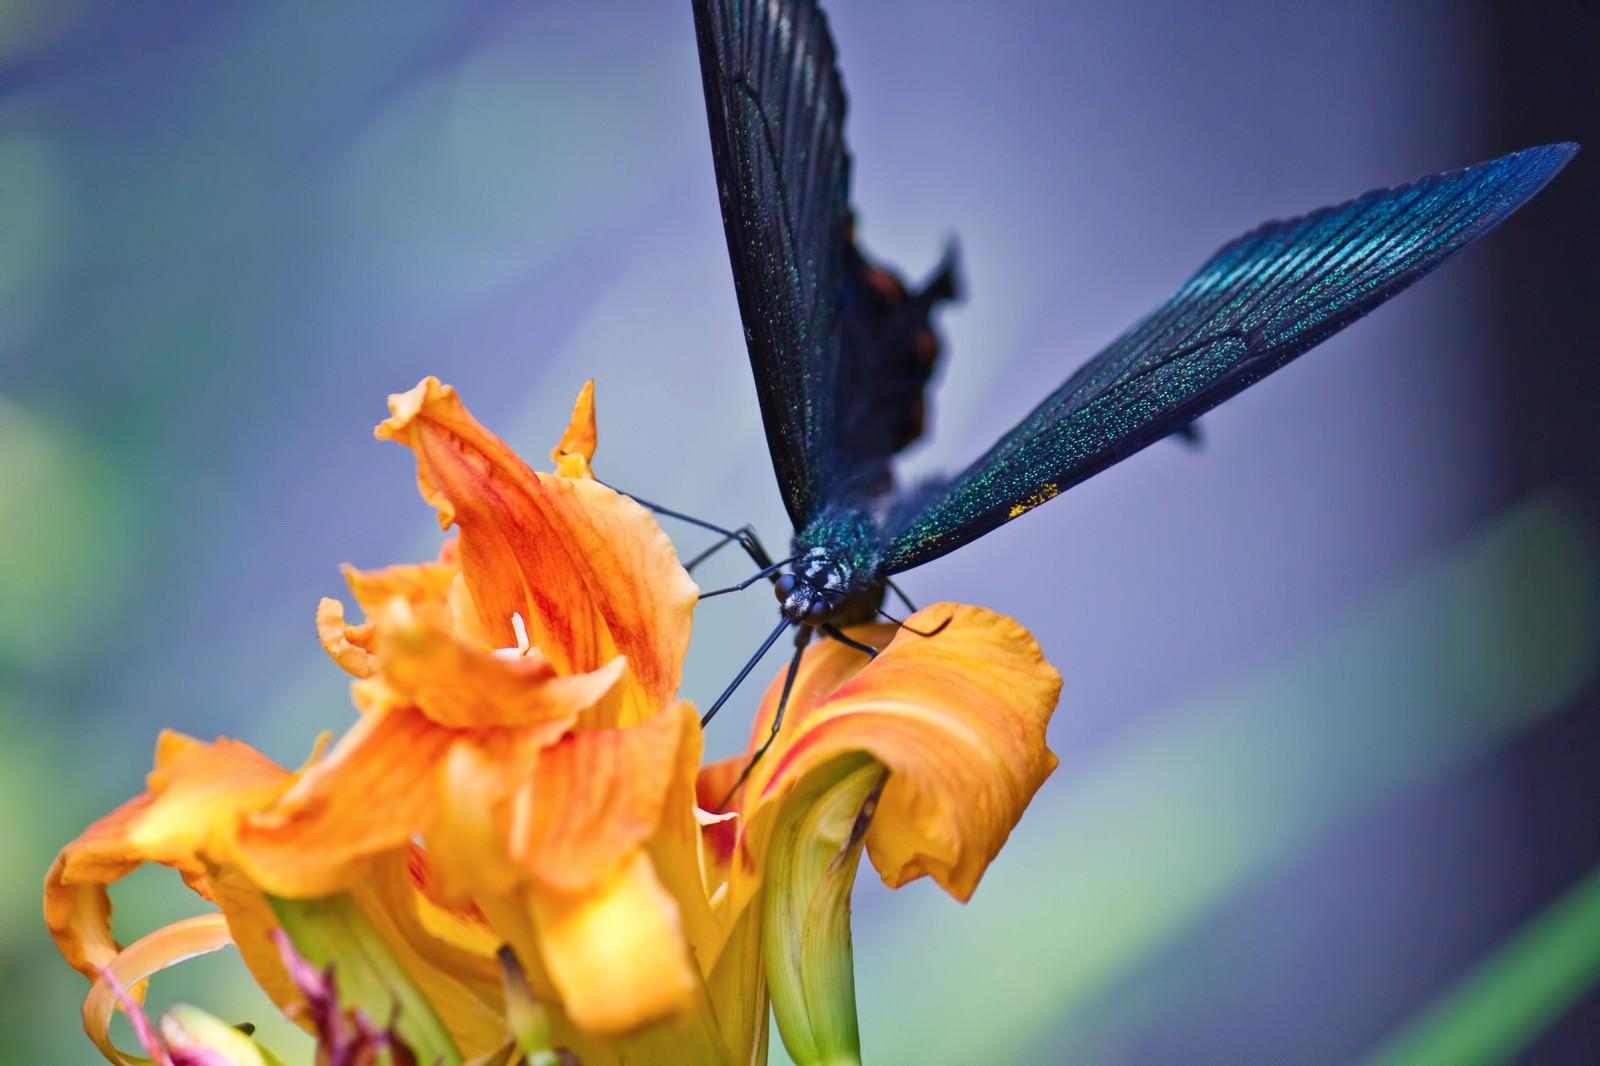 「蜜を吸う黒揚羽蝶 | 写真の無料素材・フリー素材 - ぱくたそ」の写真